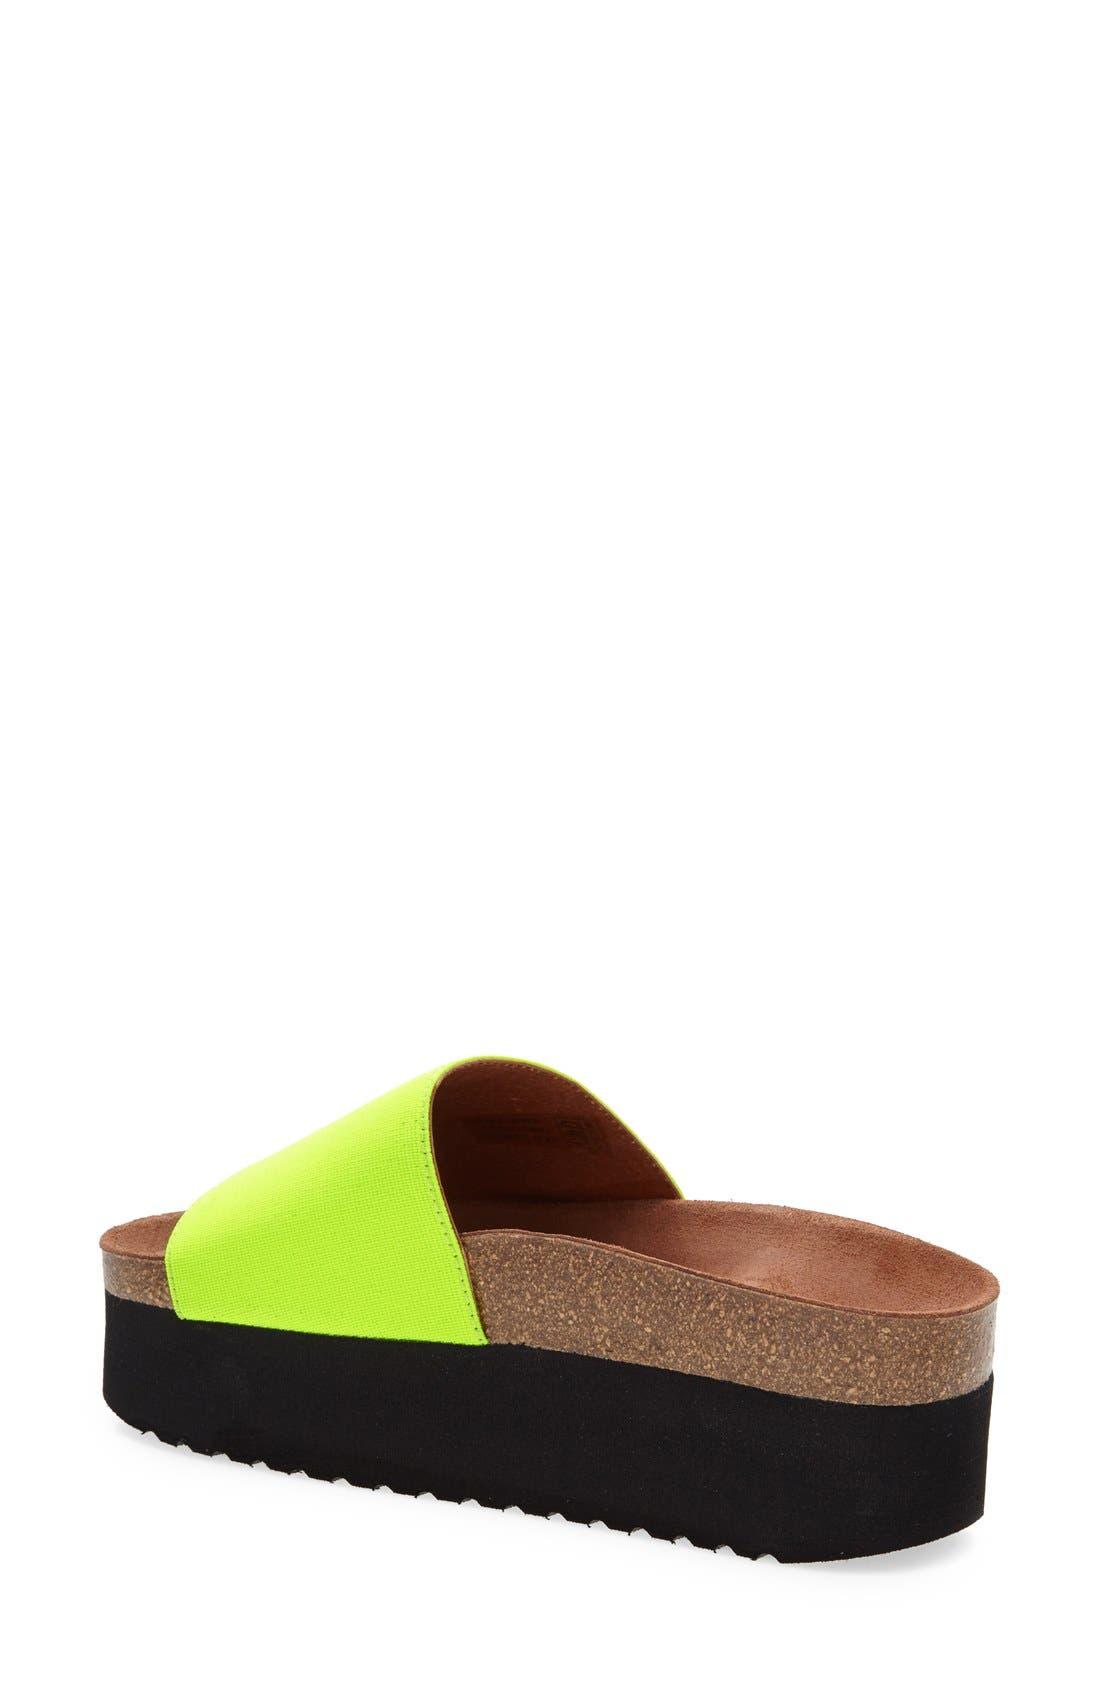 Alternate Image 2  - SIXTYSEVEN 'Isa' Platform Sandal (Women)